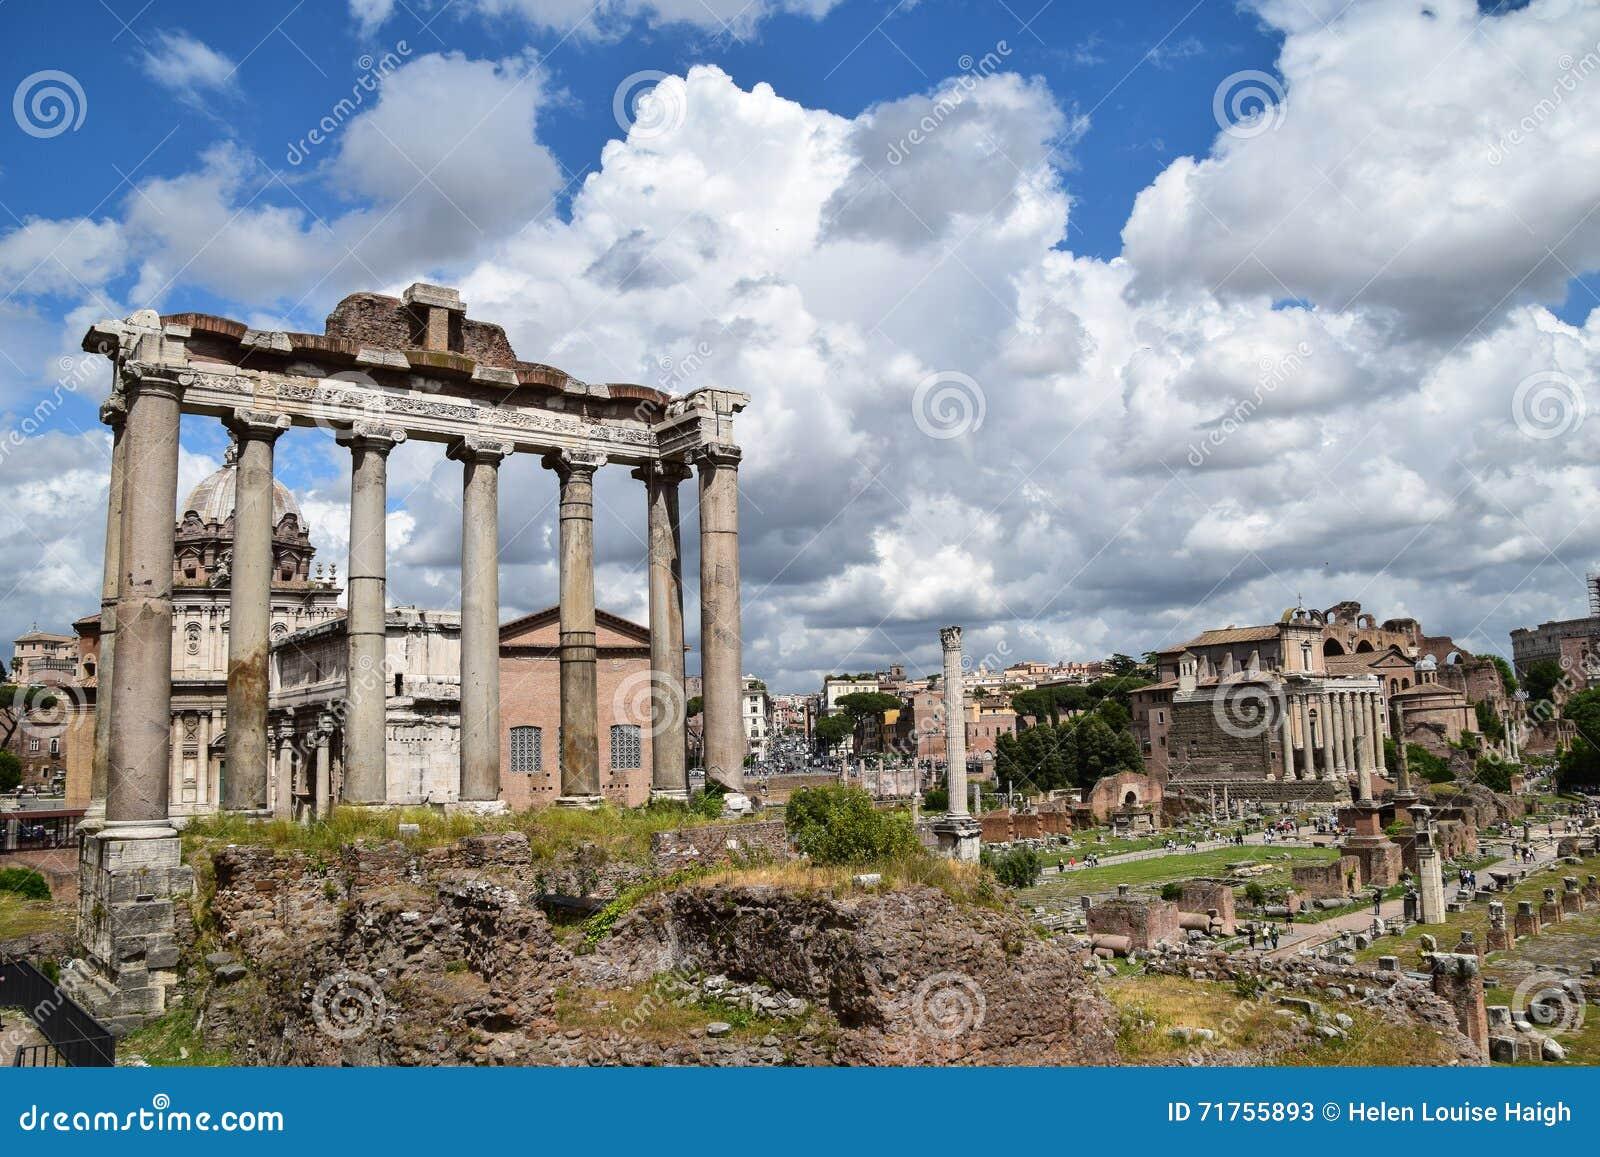 Το φόρουμ, Ρώμη, Ιταλία